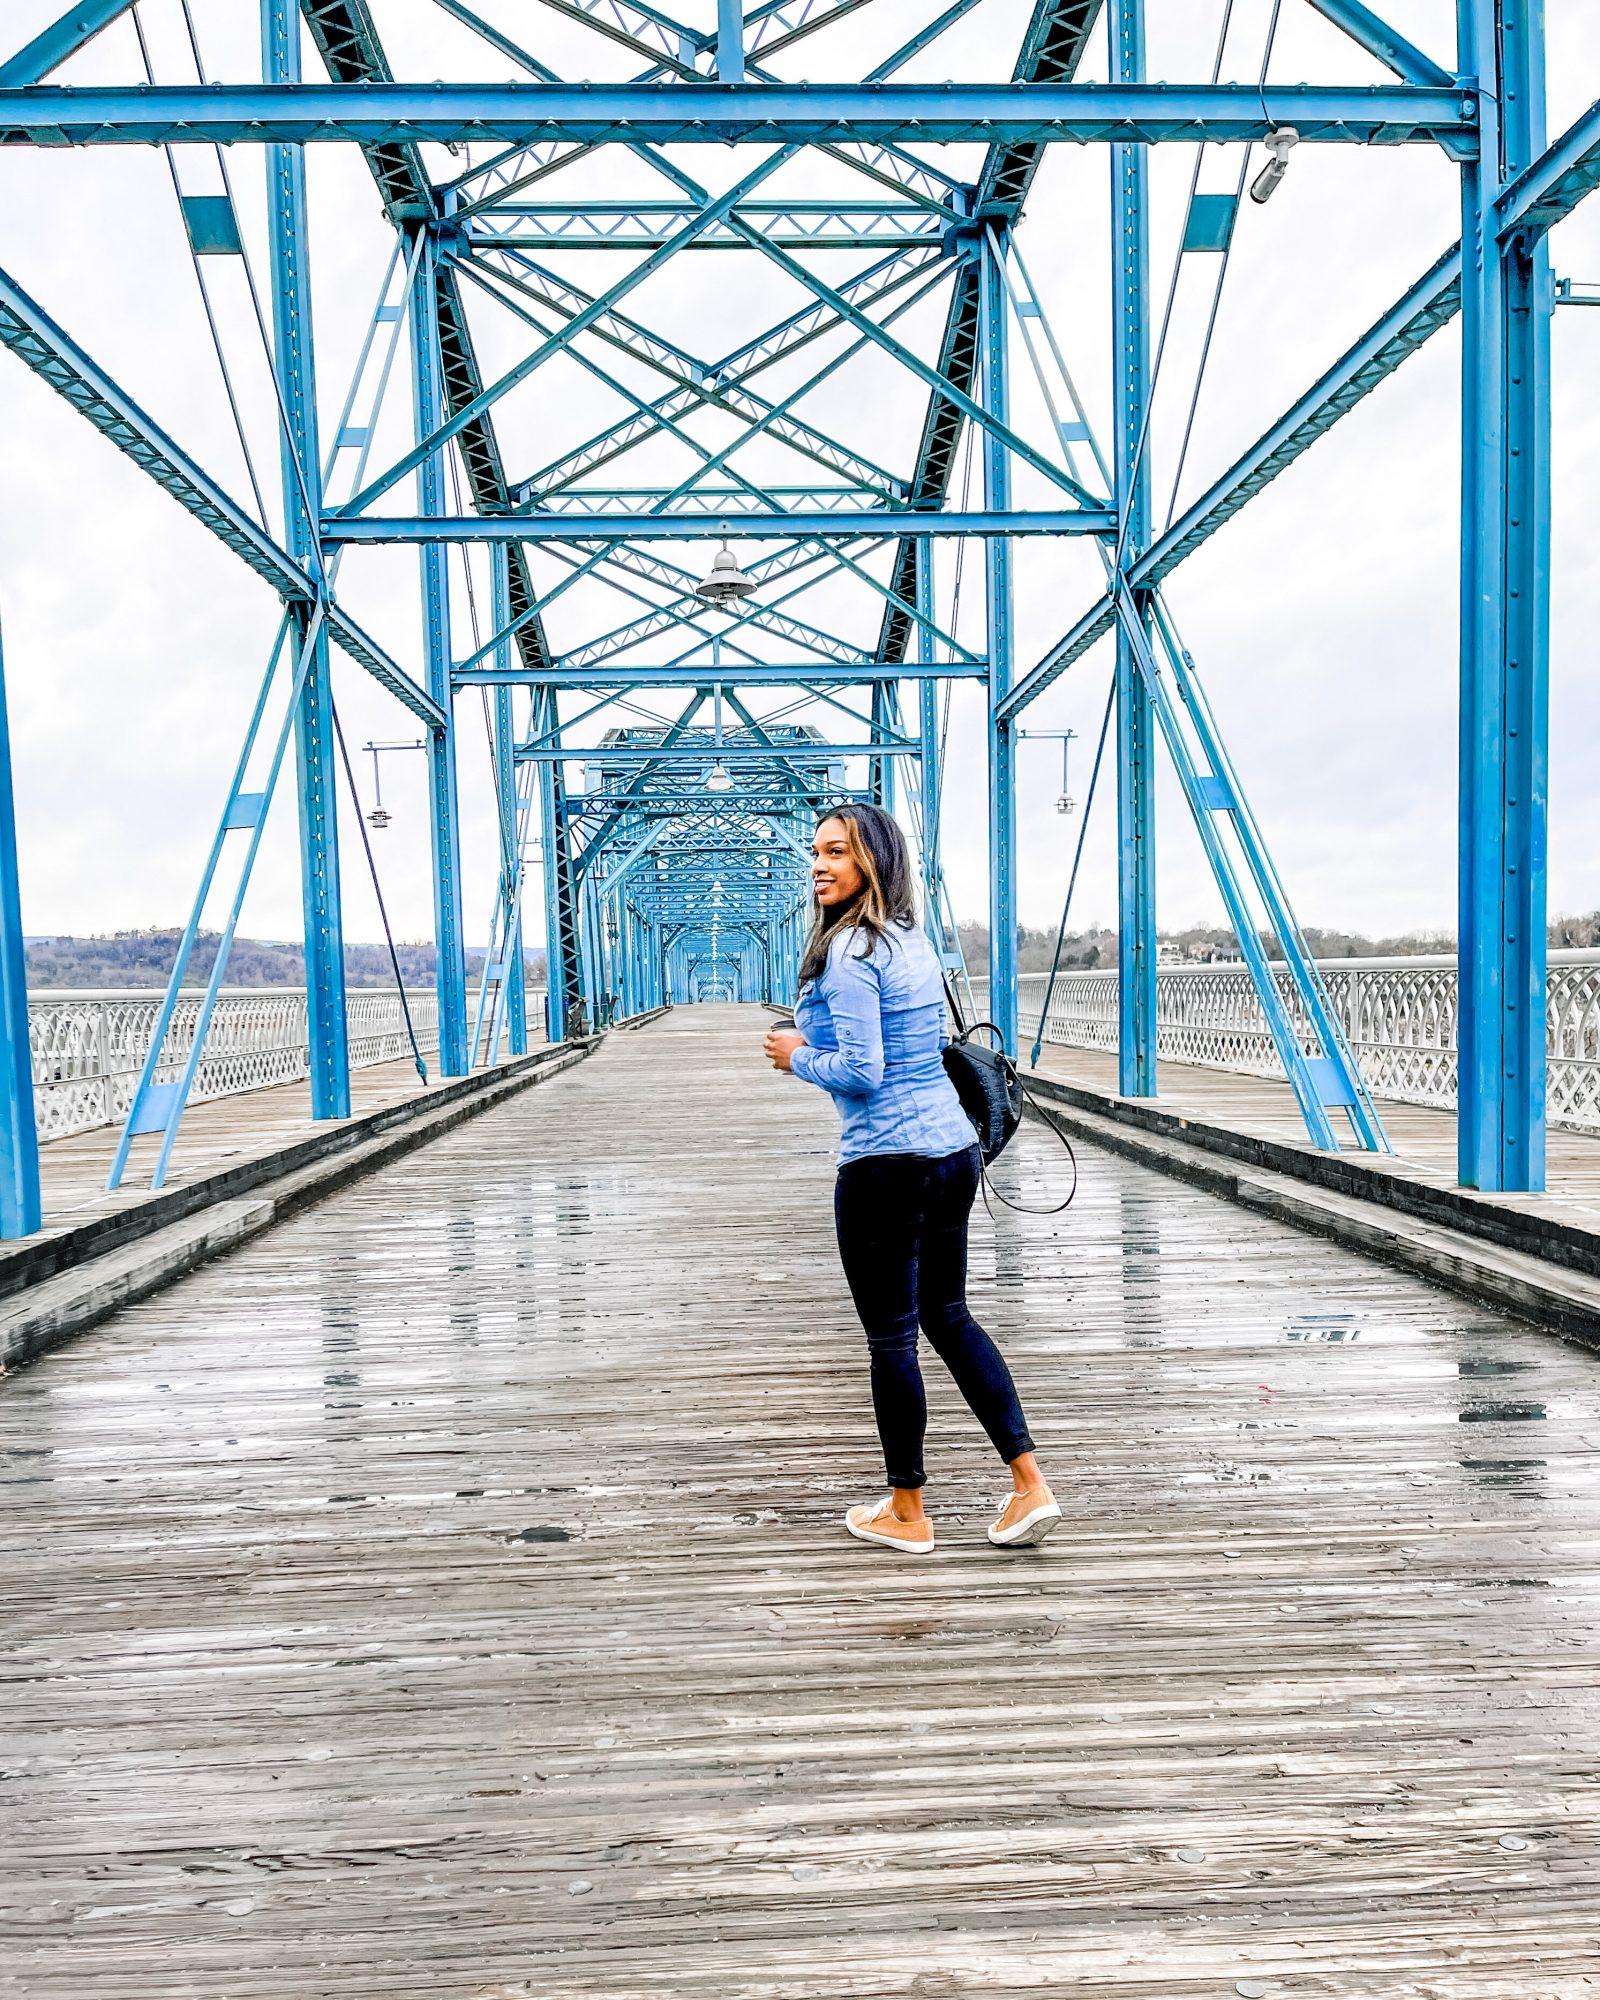 Walnut Street Bridge, Chattanooga TN